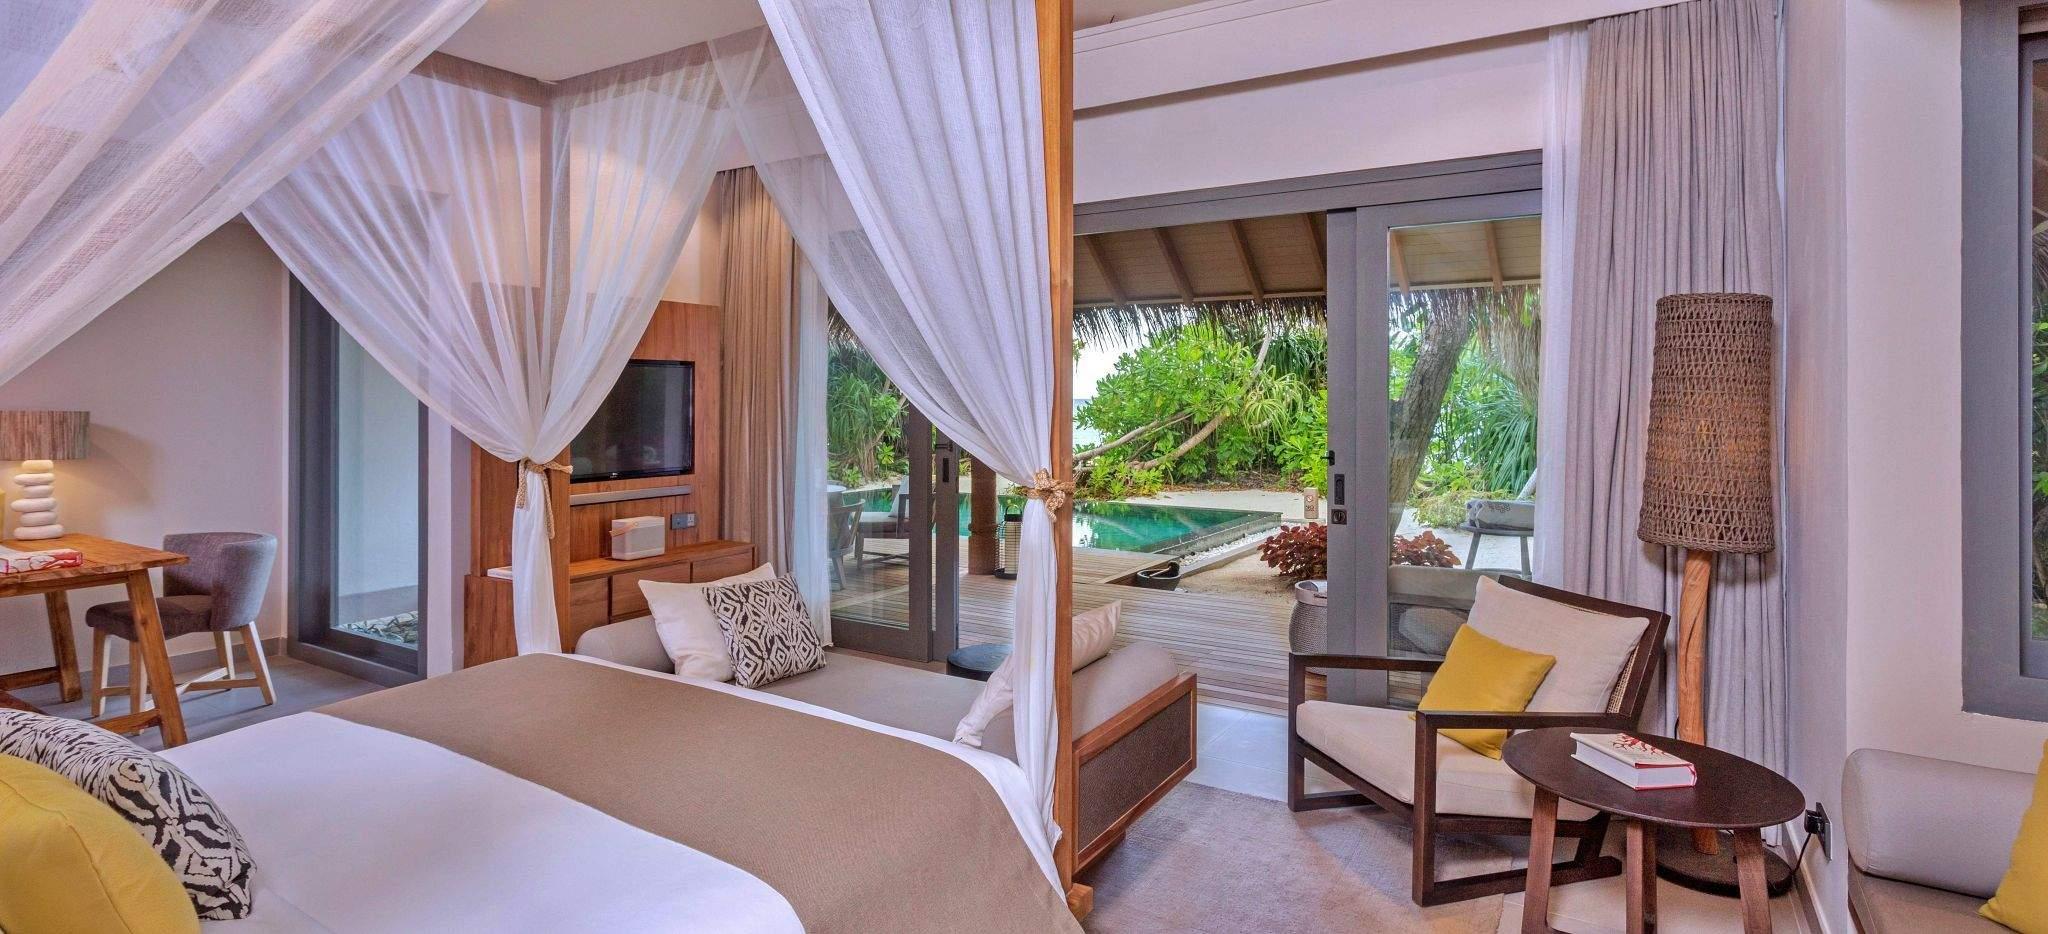 Eine Schlafzimmer mit Himmelbett und Blick auf den umliegenden Dschungel, im Hotel Vakkaru, Malediven